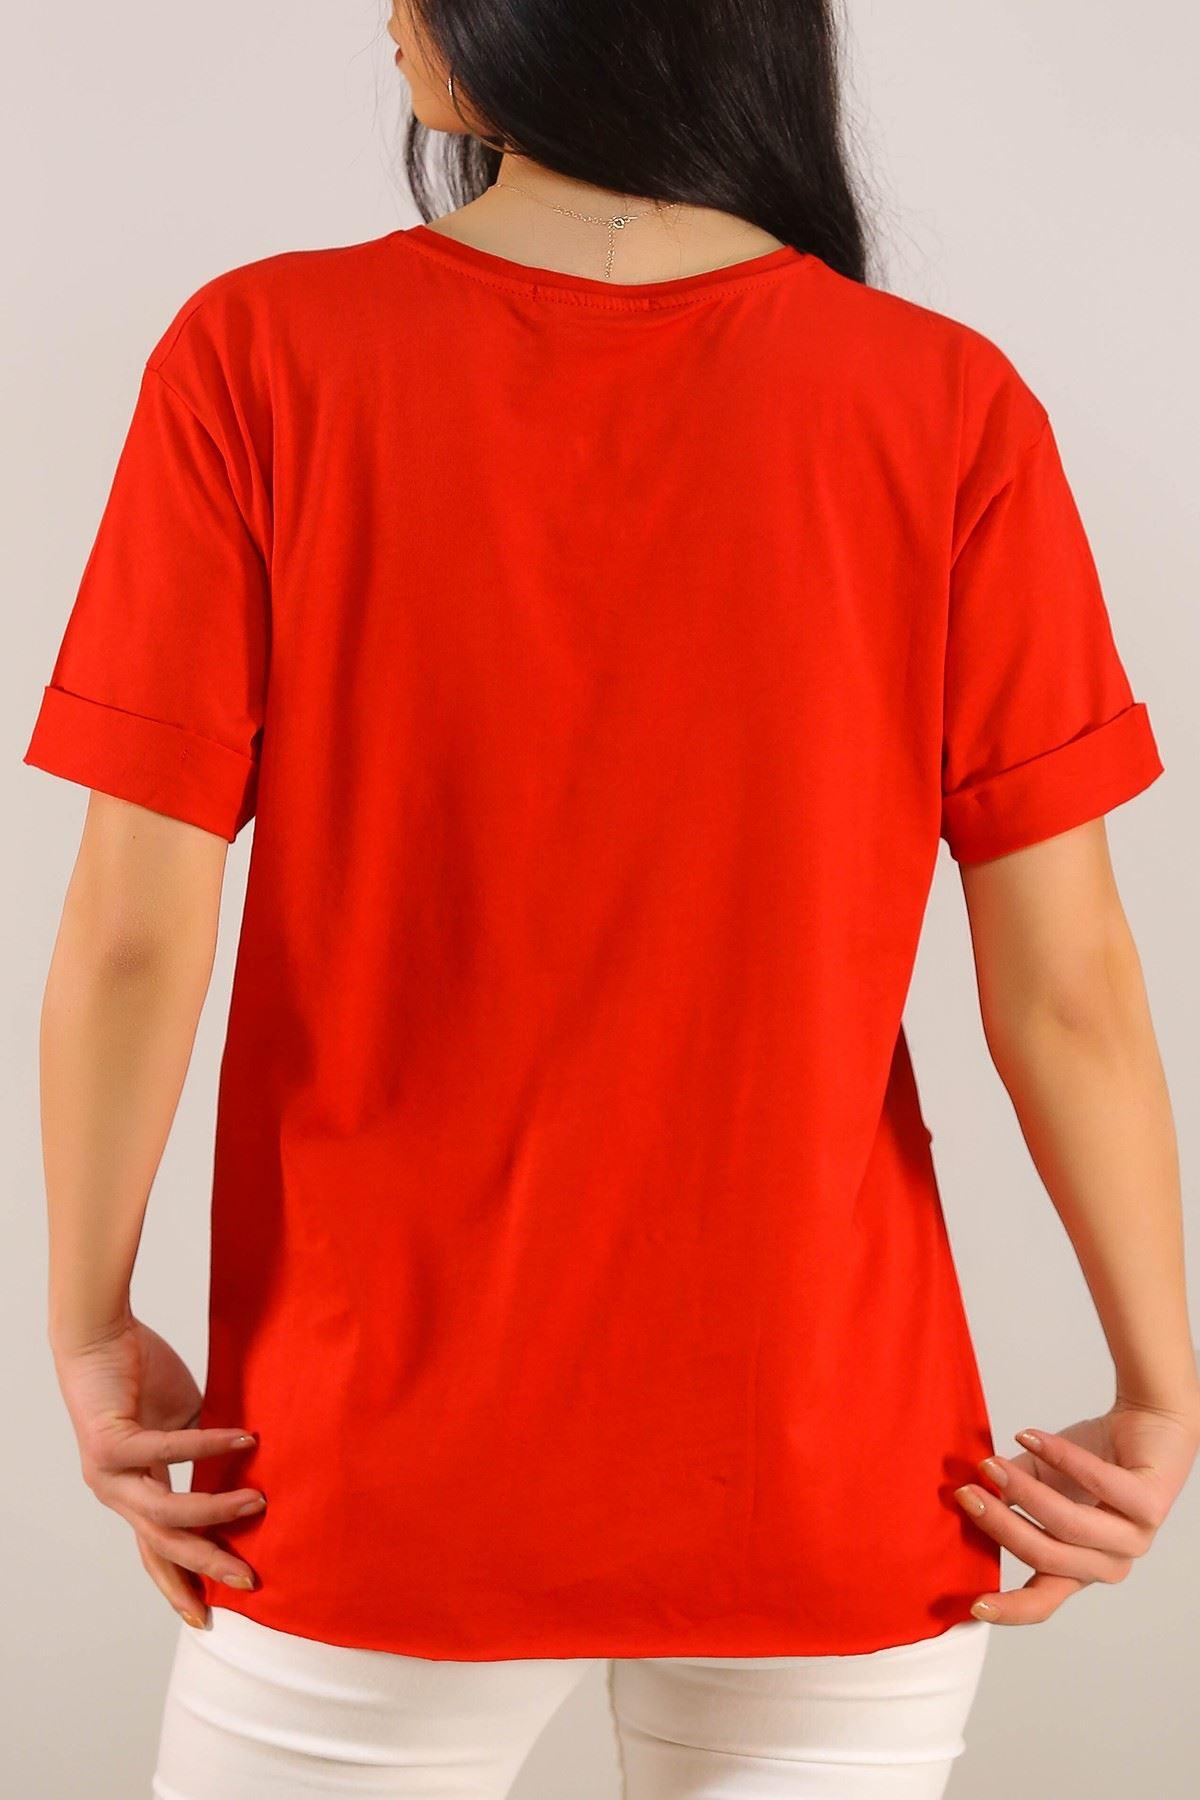 Yazı Baskılı Tişört Kırmızı - 5081.275.